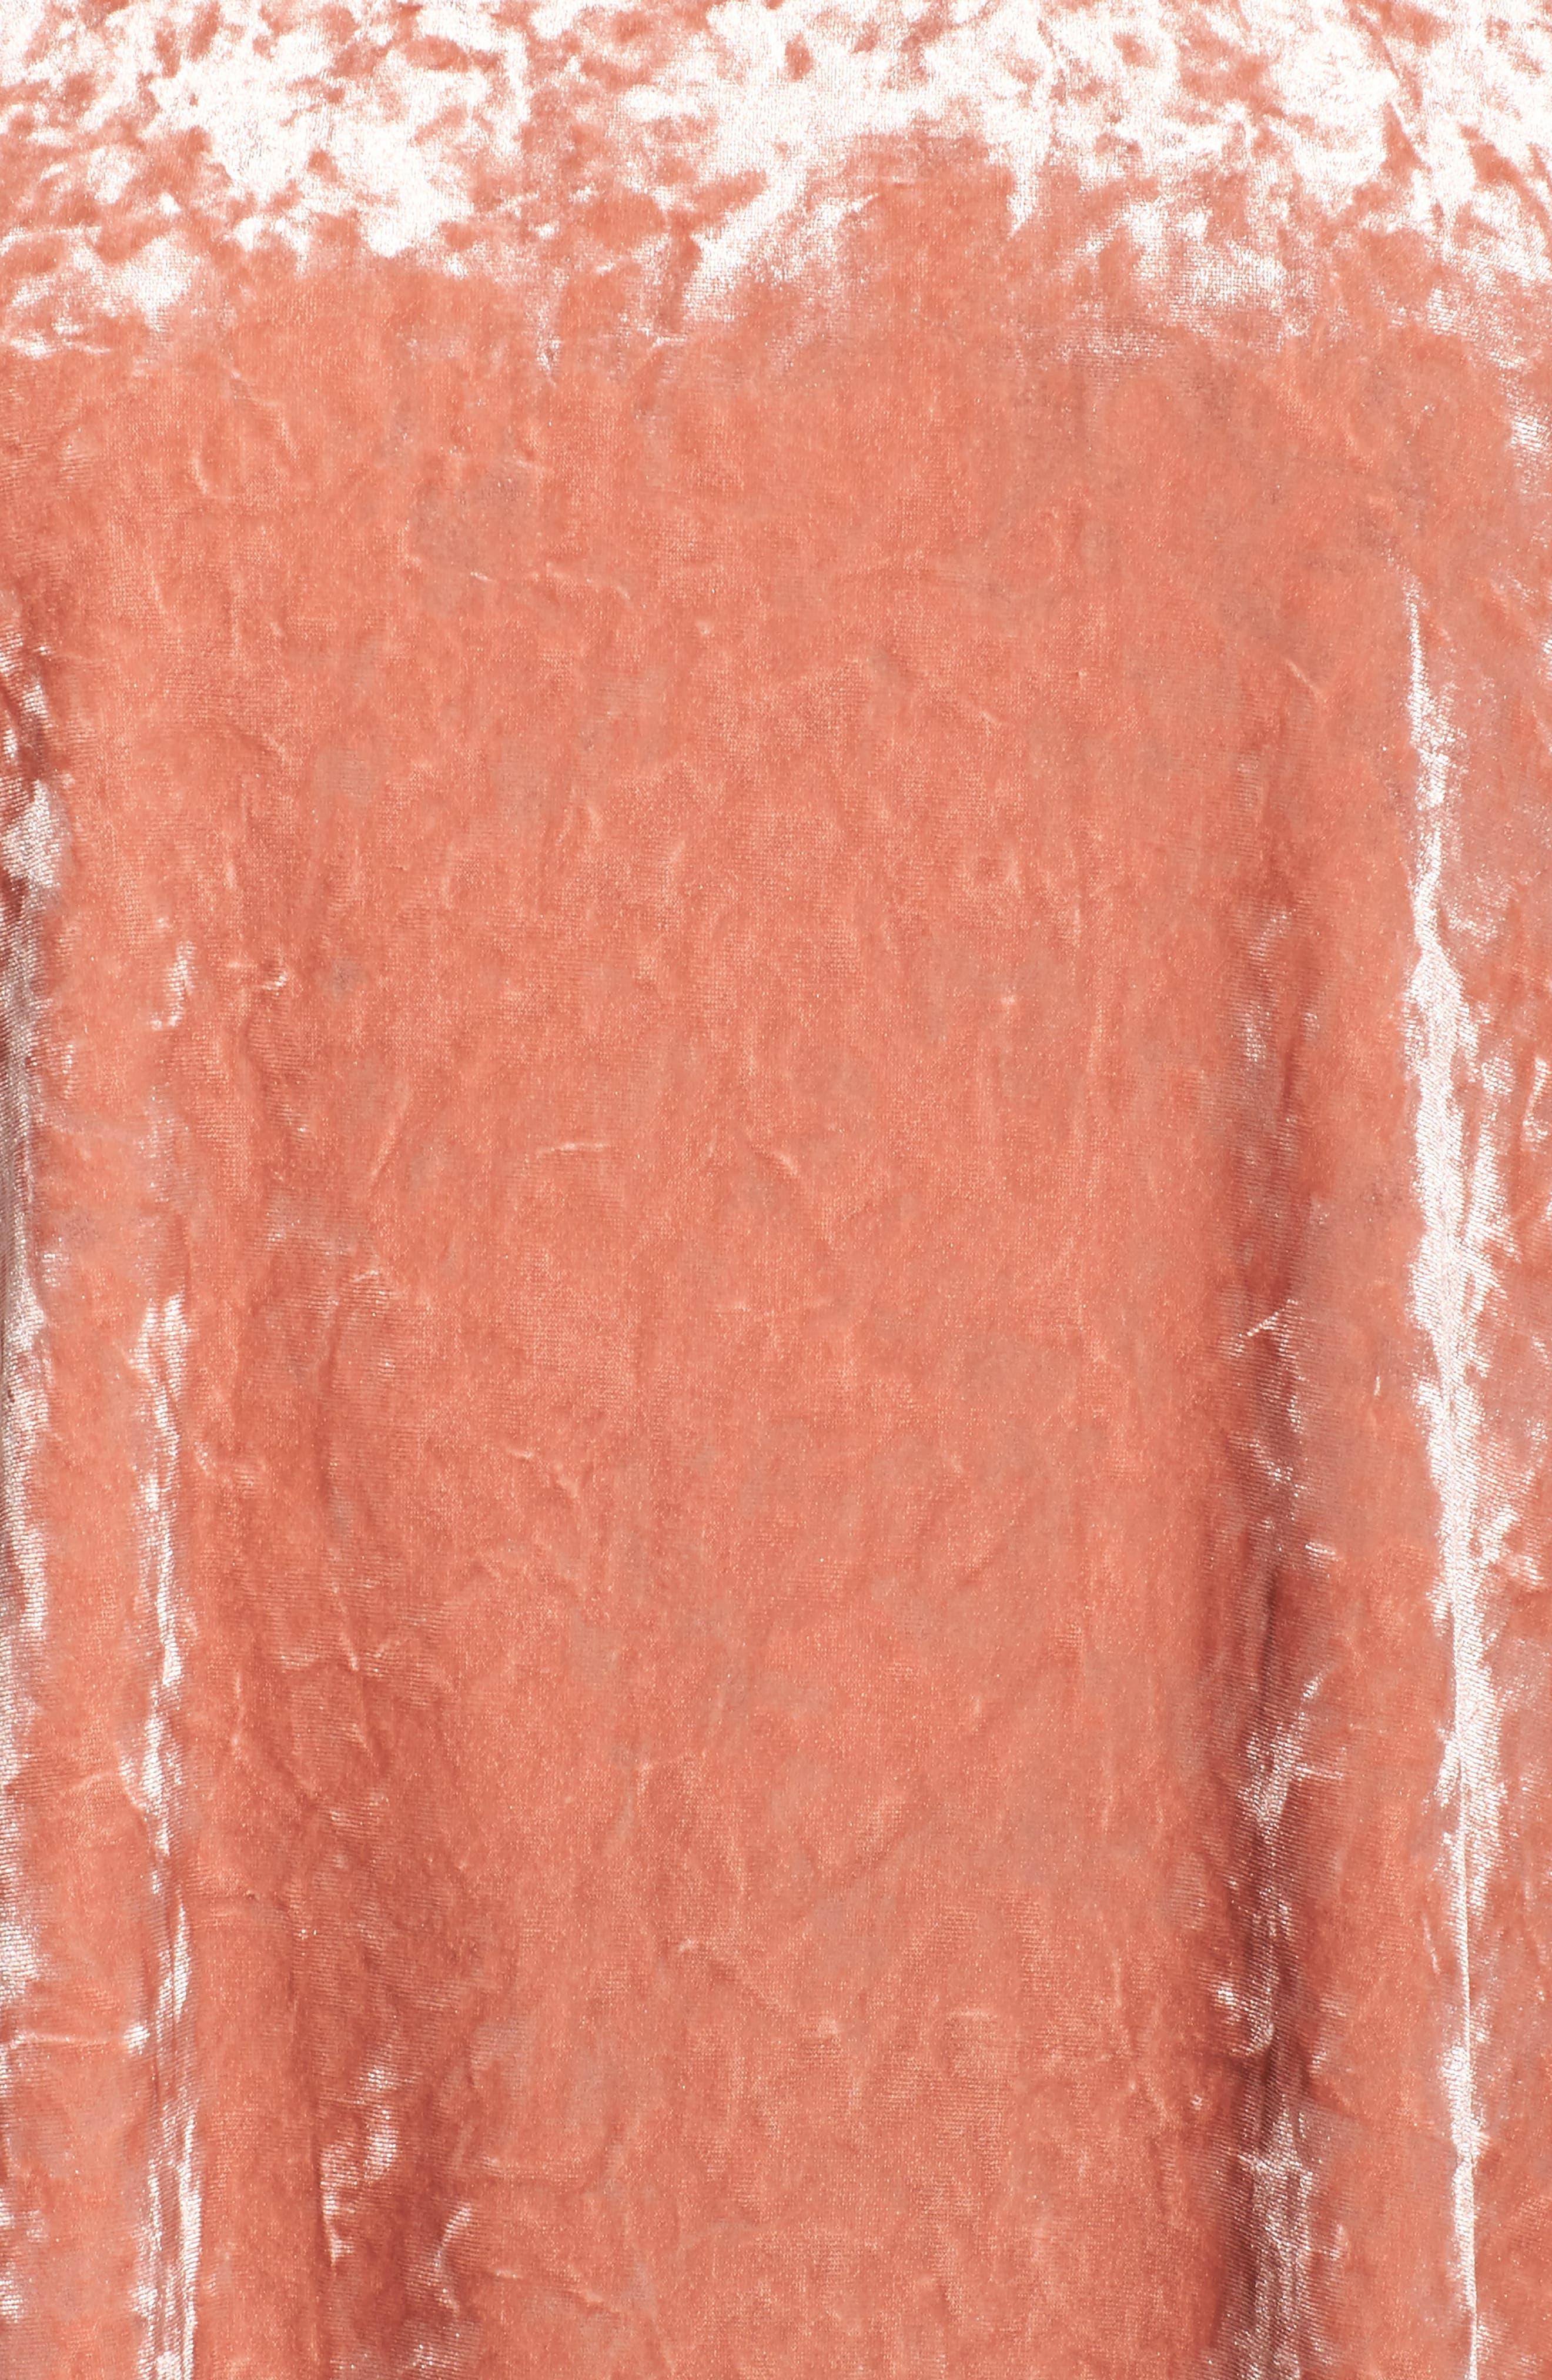 Off the Shoulder Crushed Velvet Top,                             Alternate thumbnail 5, color,                             655